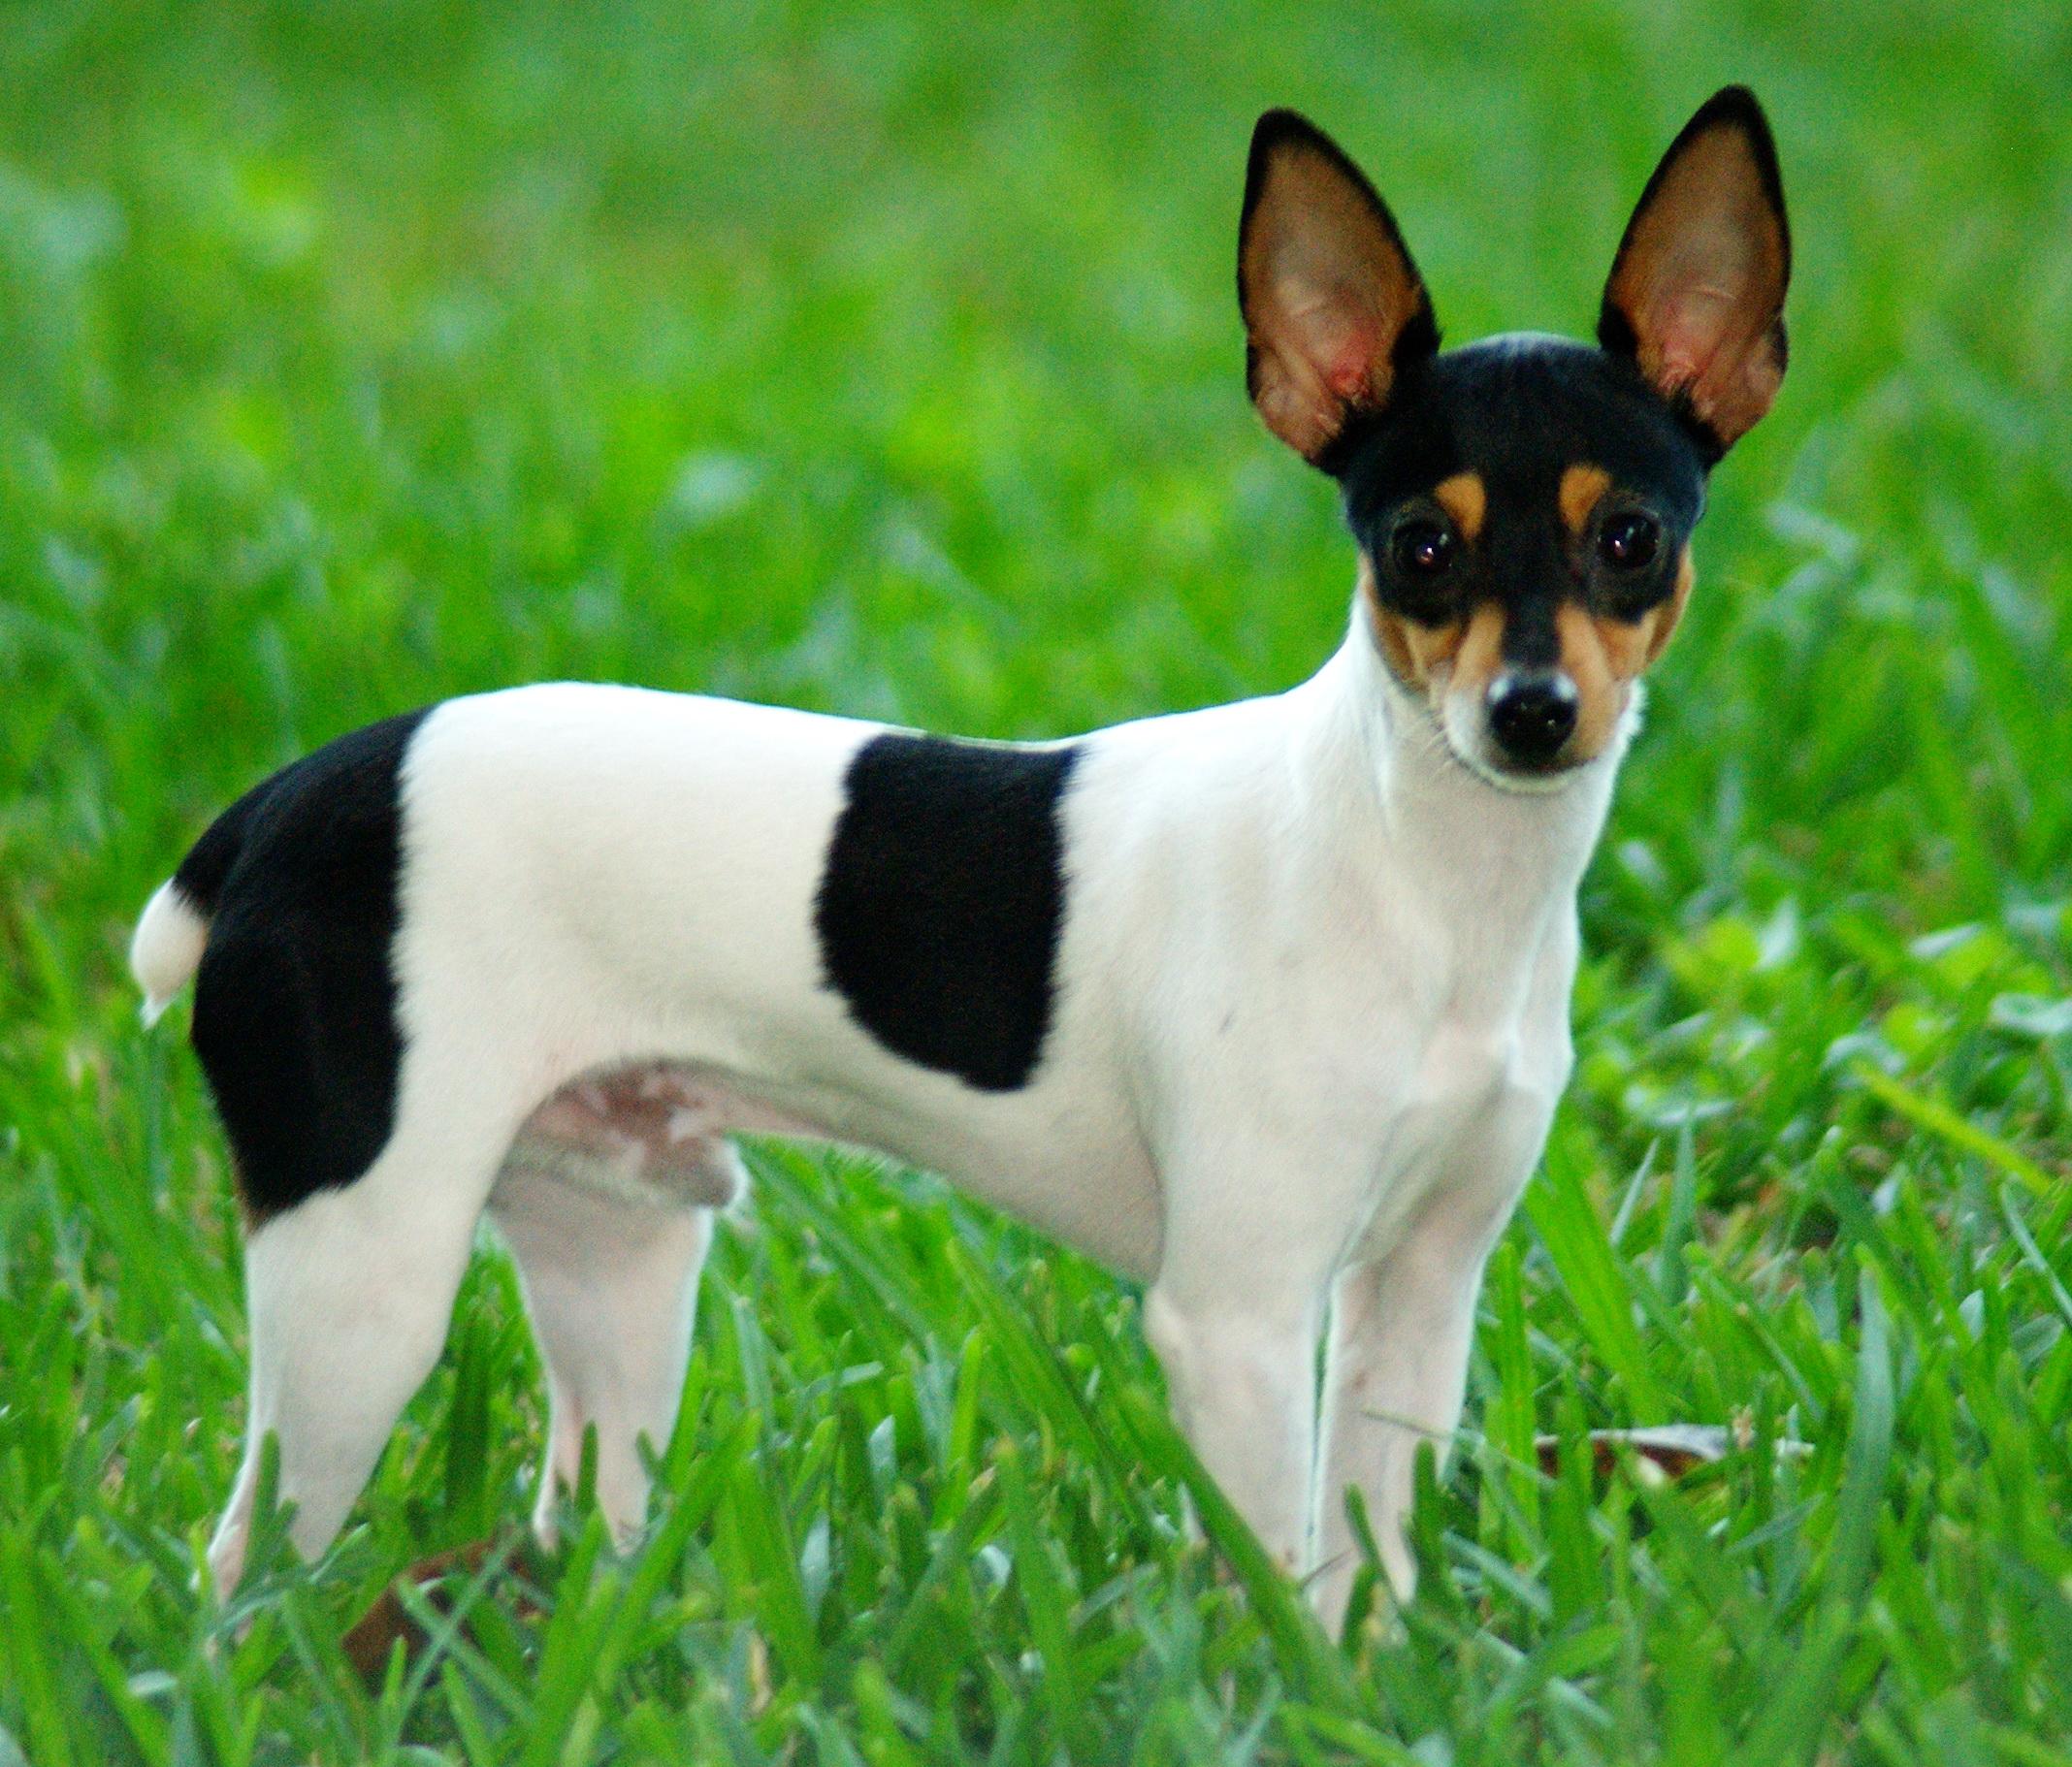 Miniature Fox Terrier in the grass wallpaper